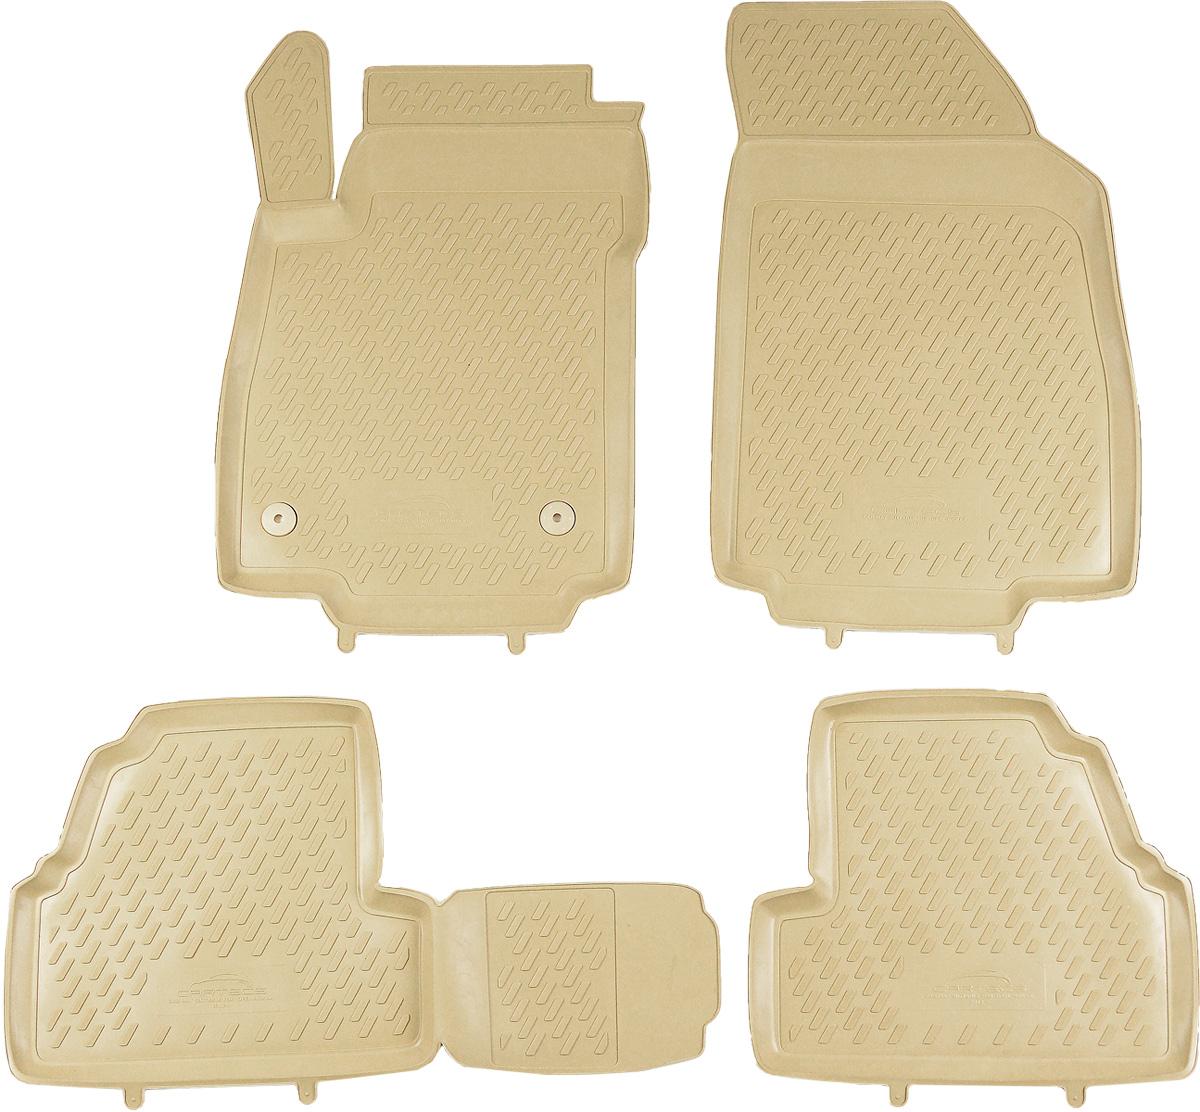 Коврики в салон автомобиля Novline-Autofamily, для Opel Mokka 2012->, 4 штCAROPL00029kbКоврики в салон Novline-Autofamily не только улучшат внешний вид салона вашего автомобиля, но и надежно уберегут его от пыли, грязи и сырости, а значит, защитят кузов от коррозии. Полиуретановые коврики для автомобиля гладкие, приятные и не пропускают влагу. Автомобильные коврики в салон учитывают все особенности каждой модели и полностью повторяют контуры пола. Благодаря этому их не нужно будет подгибать или обрезать. И самое главное - они не будут мешать педалям. Полиуретановые автомобильные коврики для салона произведены из высококачественного материала, который держит форму и не пачкает обувь. К тому же, этот материал очень прочный (его, к примеру, не получится проткнуть каблуком). Некоторые автоковрики становятся источником неприятного запаха в автомобиле. С полиуретановыми ковриками Novline-Autofamily вы можете этого не бояться. Коврики для автомобилей надежно крепятся на полу и не скользят, что очень важно во время движения, особенно для водителя. ...